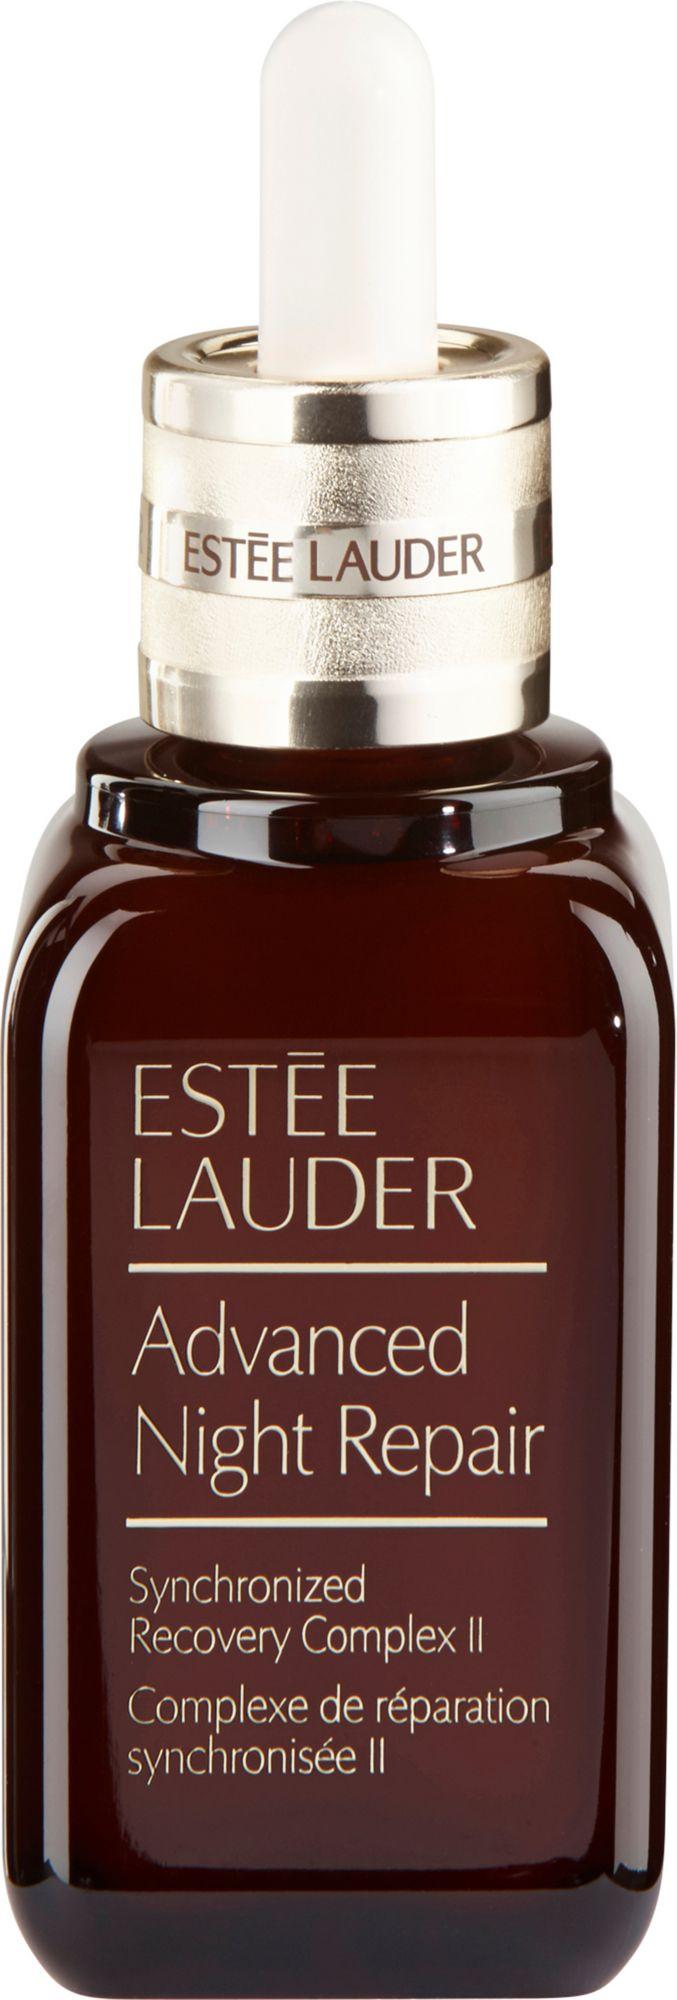 ESTEE LAUDER Estée Lauder, »Advanced Night Repair«, Serum